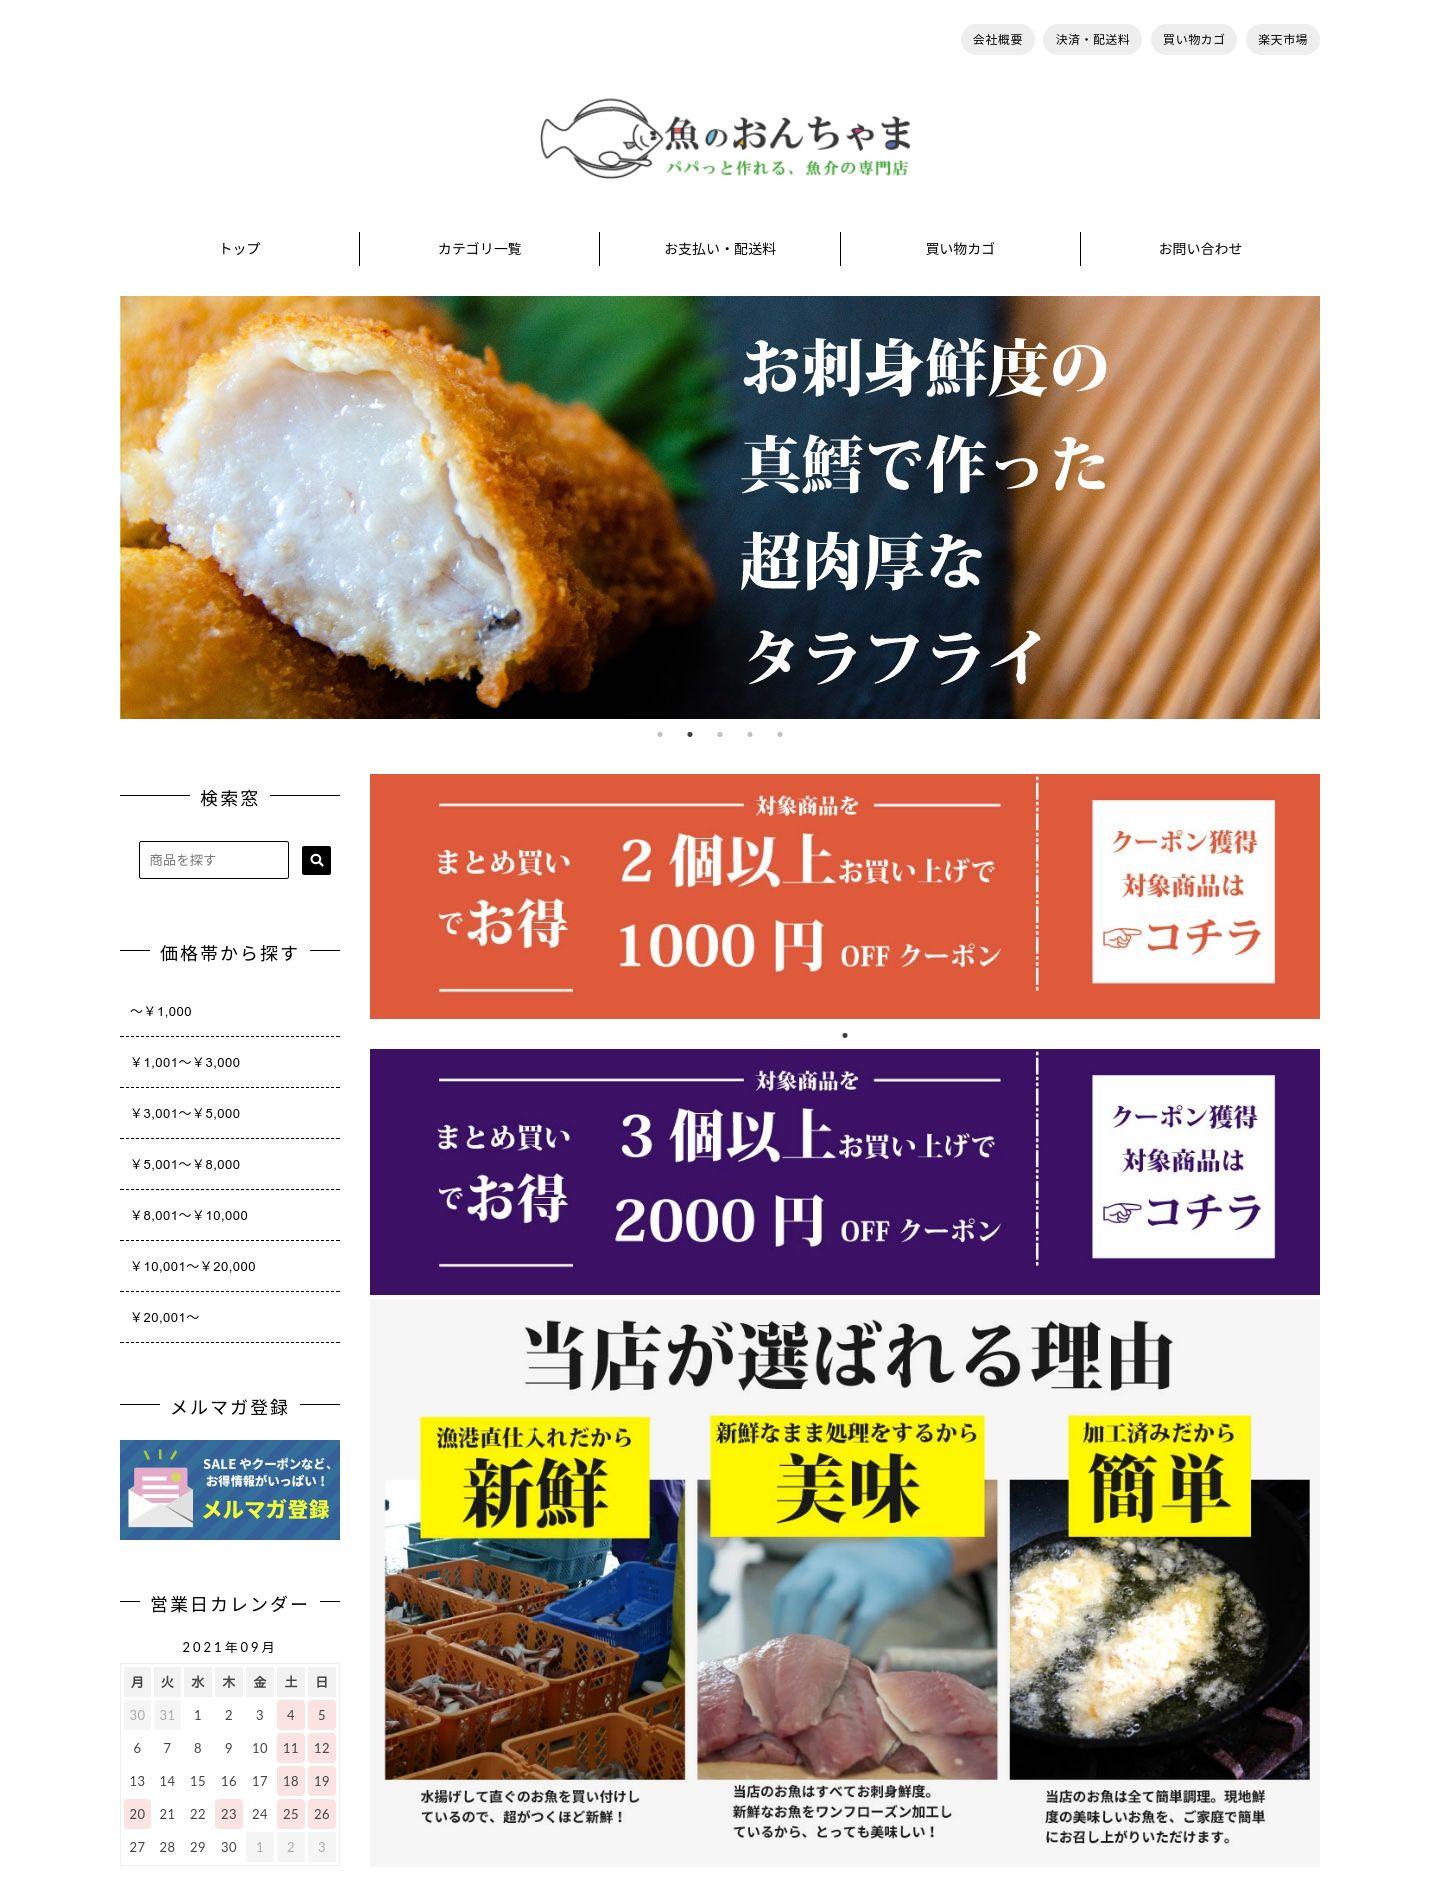 魚のおんちゃま 楽天市場店様 サイト画像